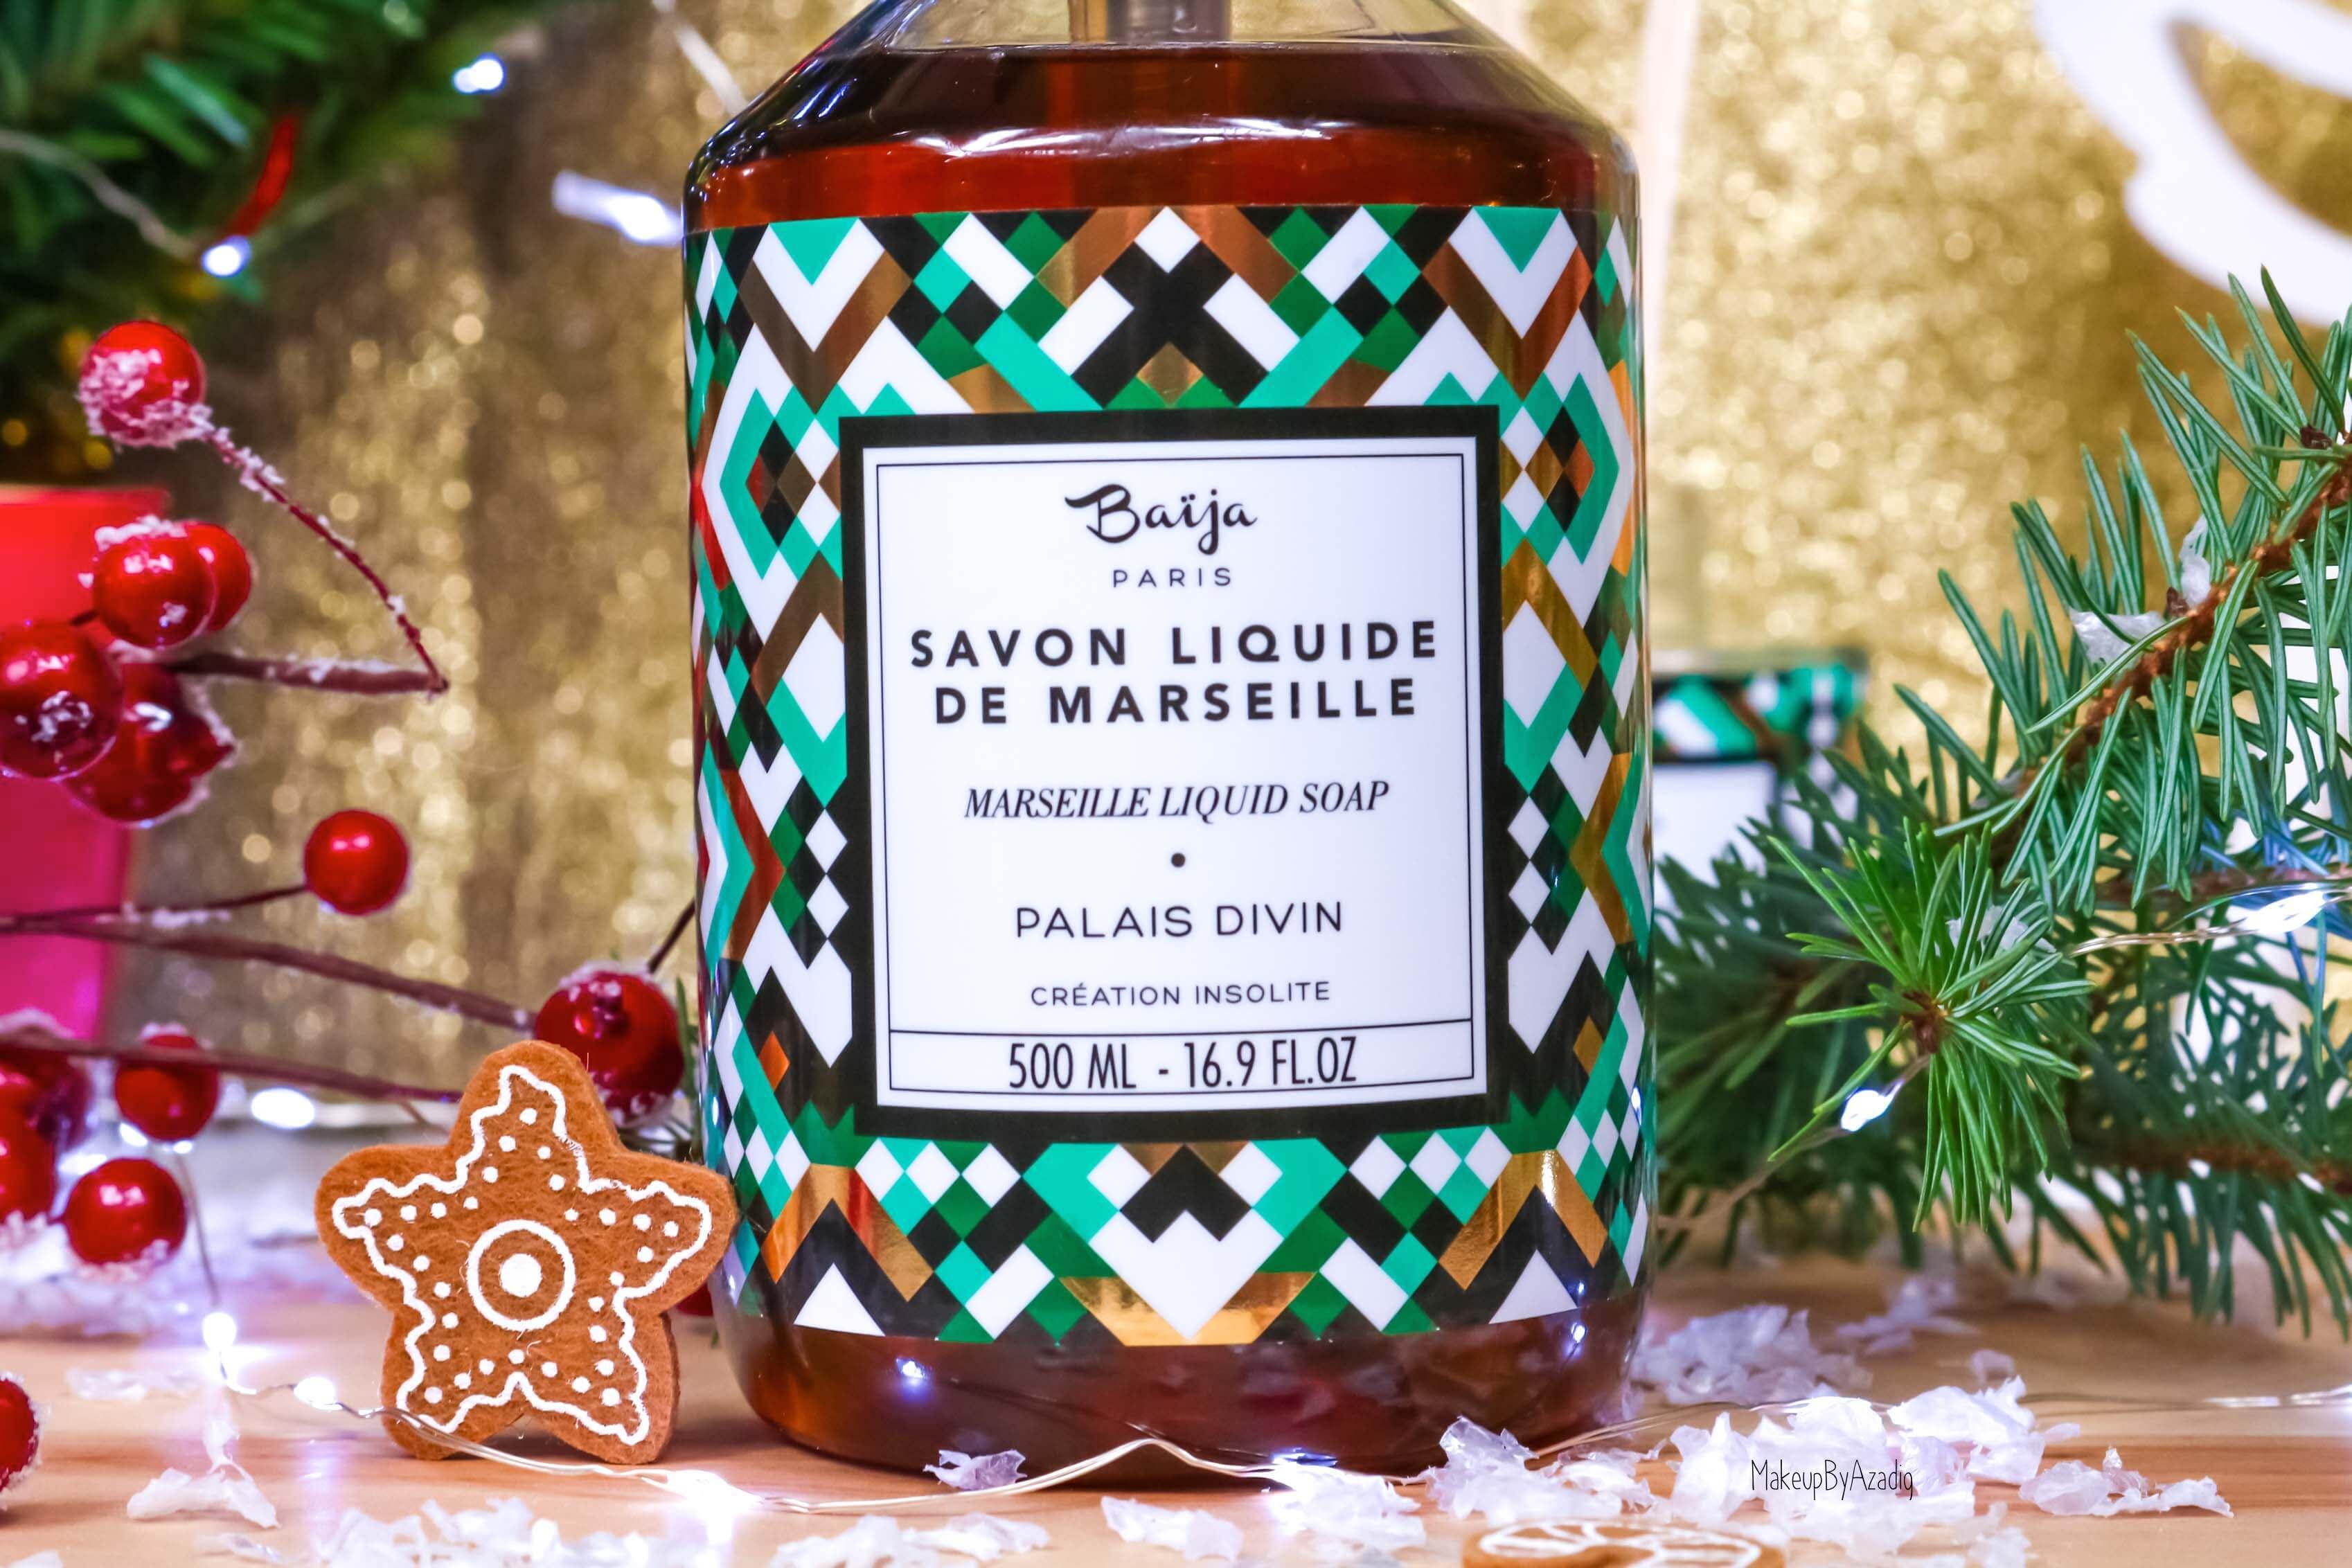 nouveaute-parfum-interieur-maison-baija-palais-divin-ambre-vanille-bougie-savon-marseille-bouquet-avis-prix-makeupbyazadig-liquide